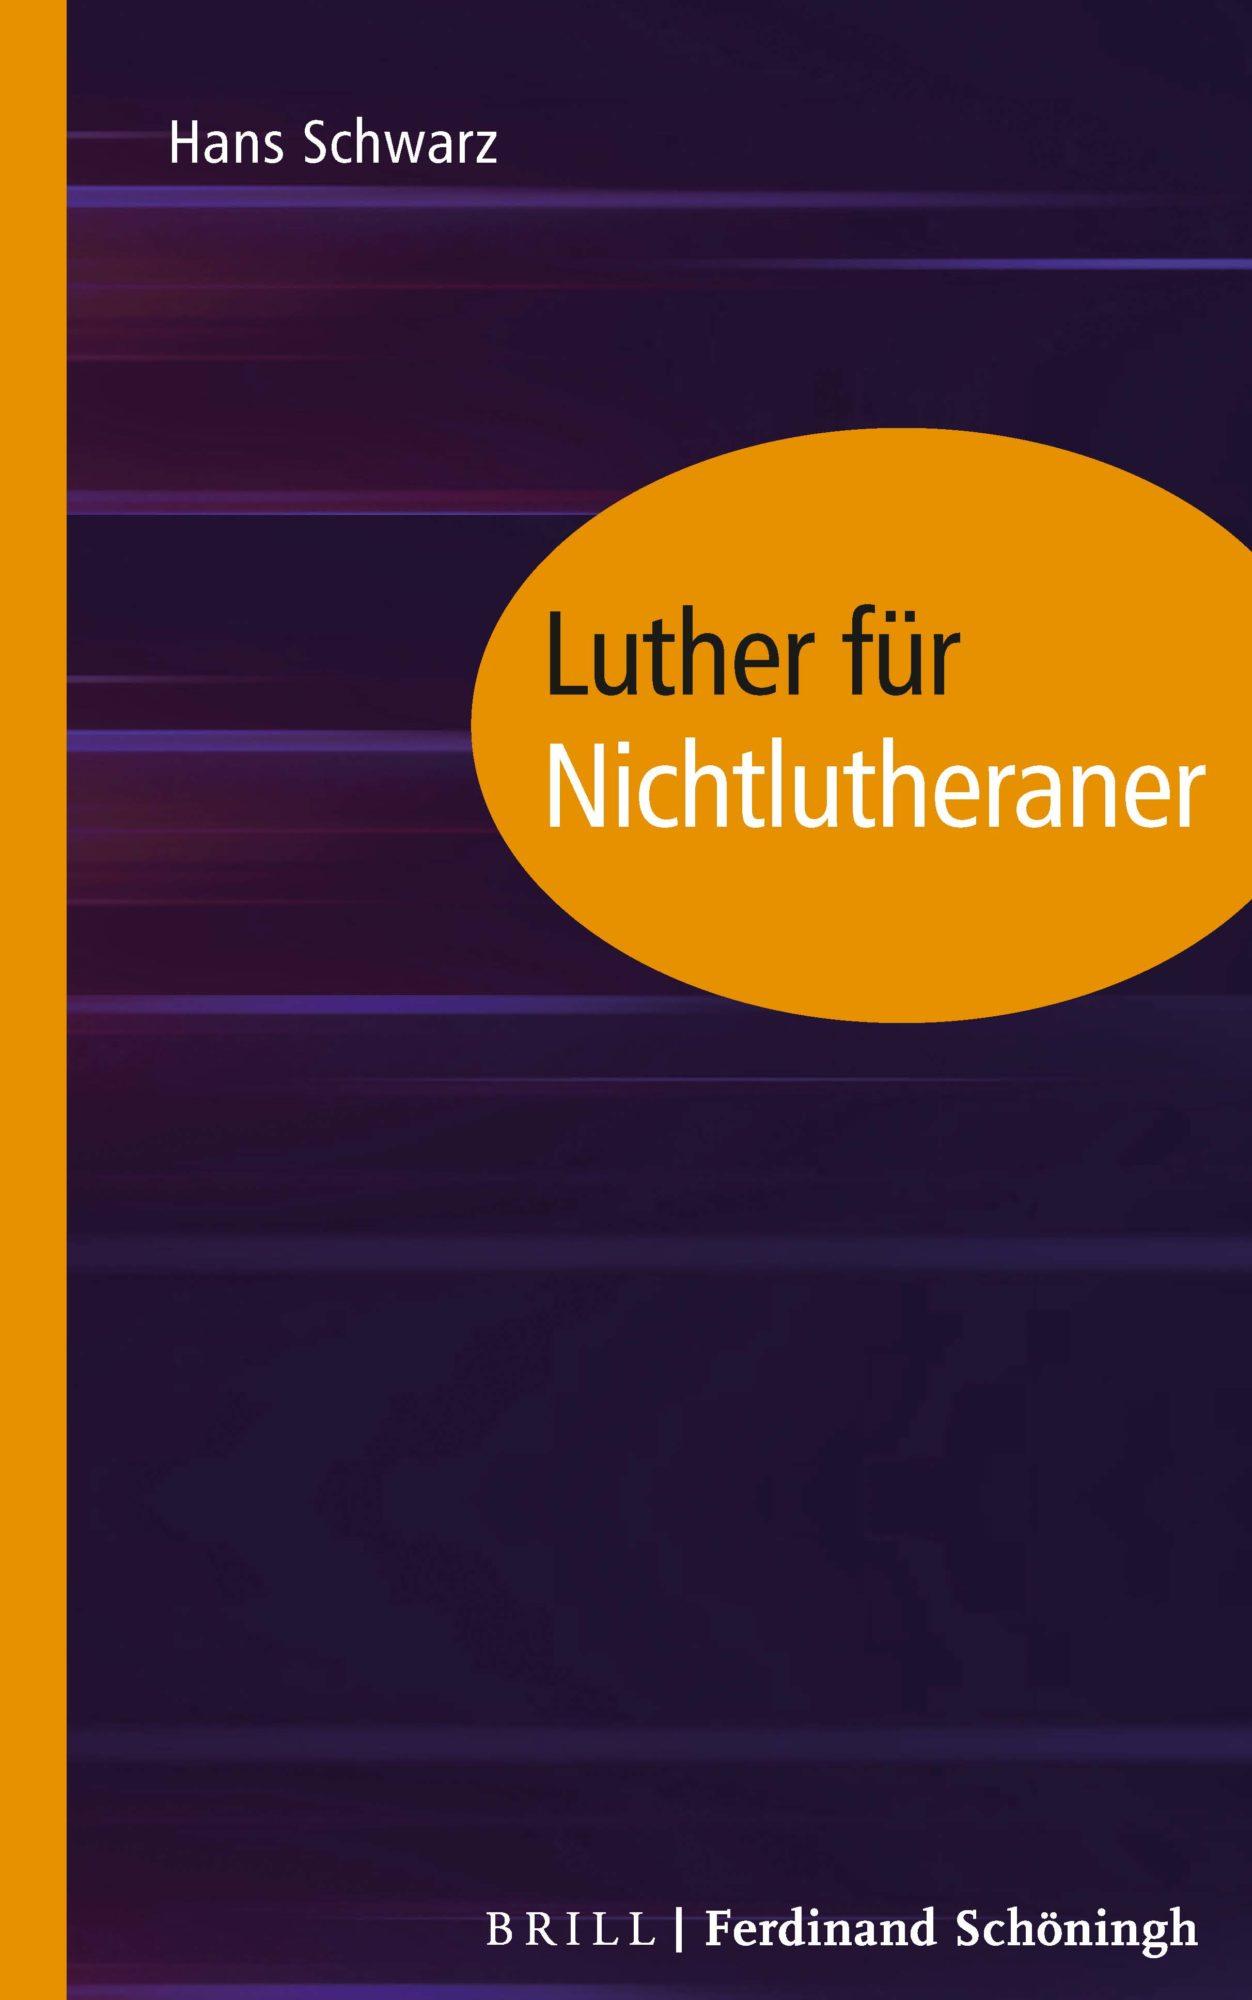 Luther für Nichtlutheraner